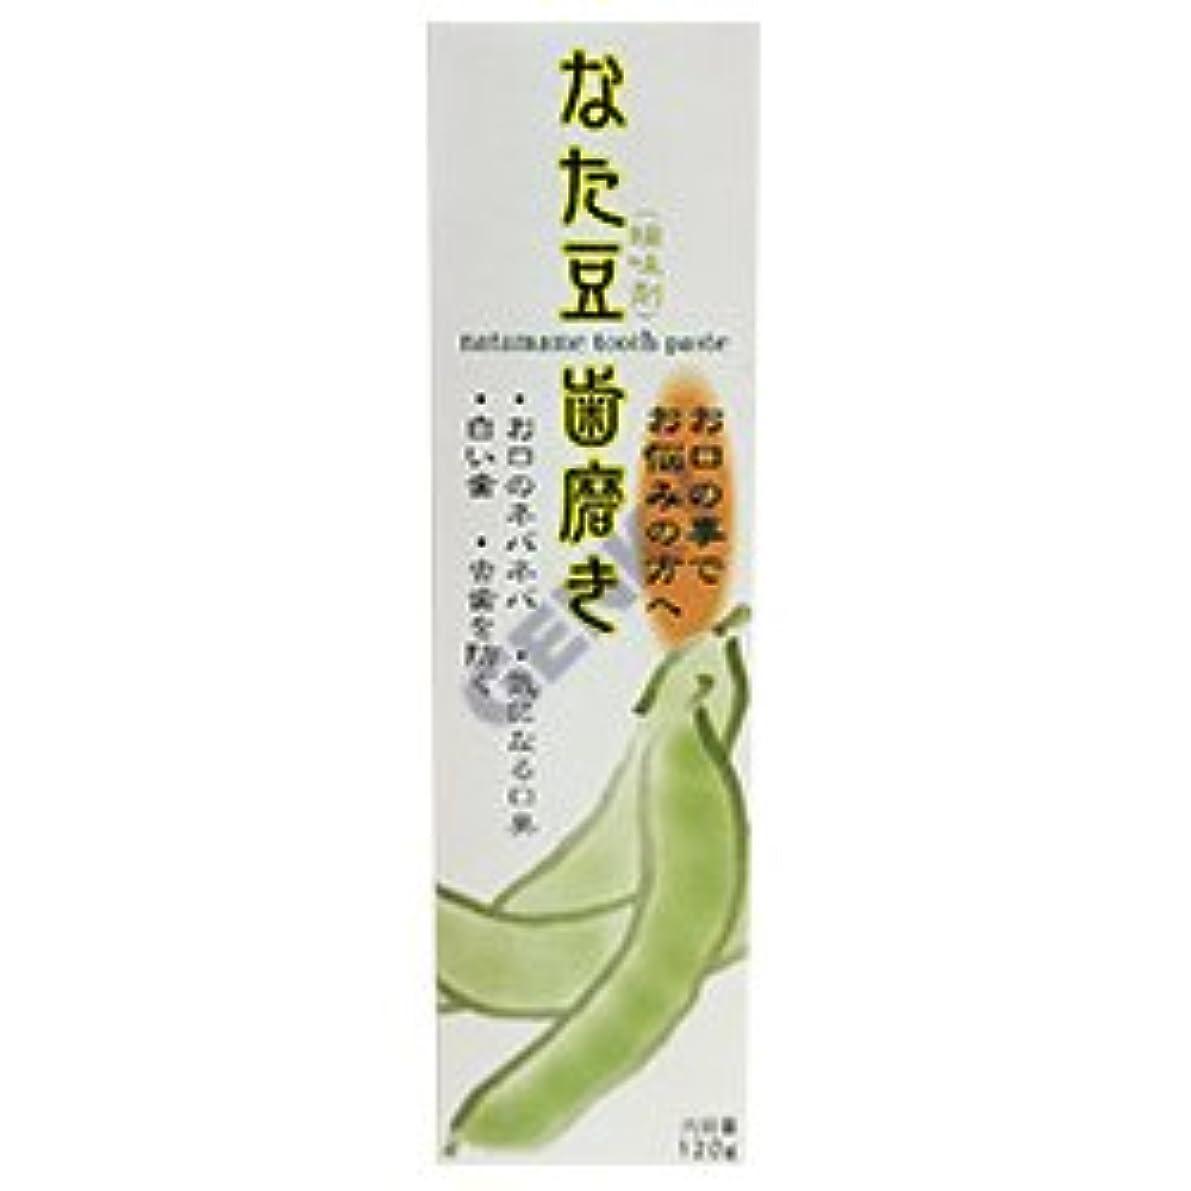 素子元の元気な【モルゲンロート】なた豆歯磨き 120g ×3個セット